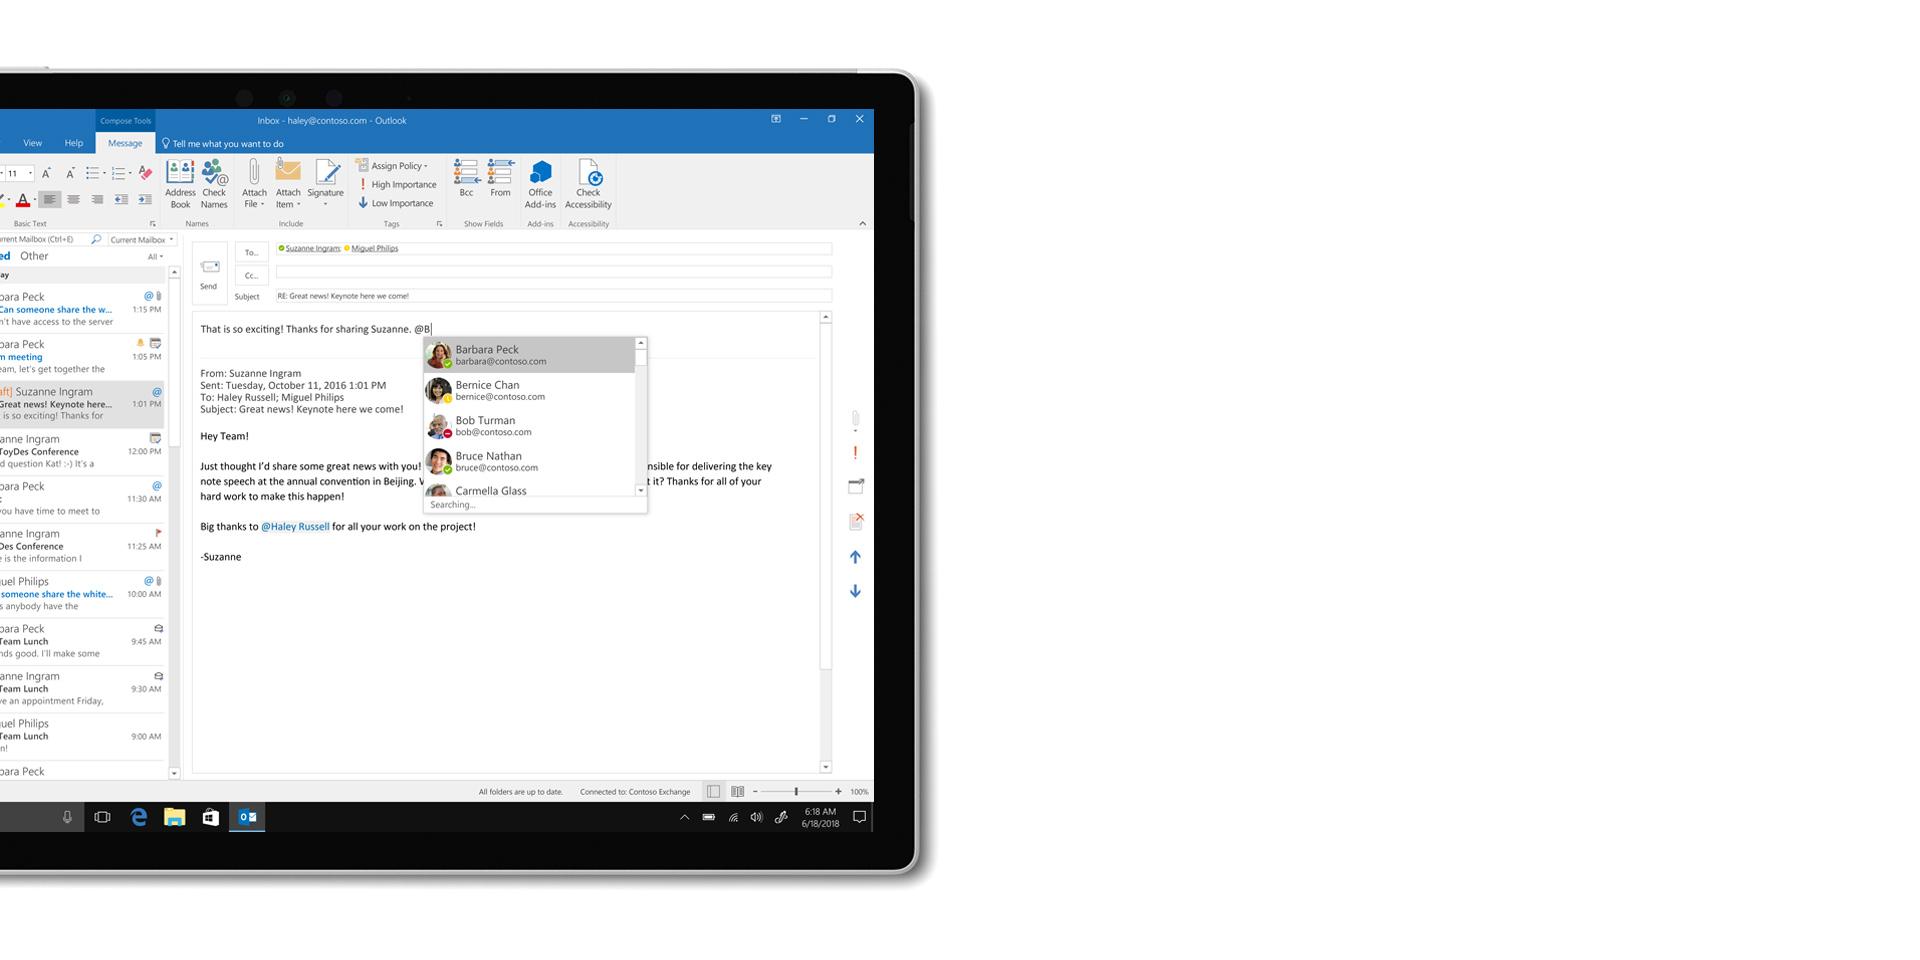 Outlook-app weergegeven op scherm van Surface Book 2, losgekoppeld van toetsenbord.